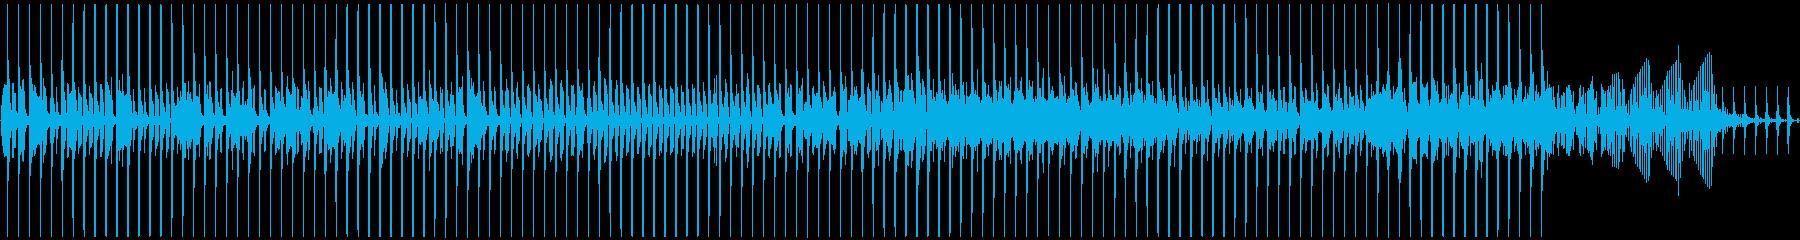 混乱と催眠。力。エネルギー。の再生済みの波形